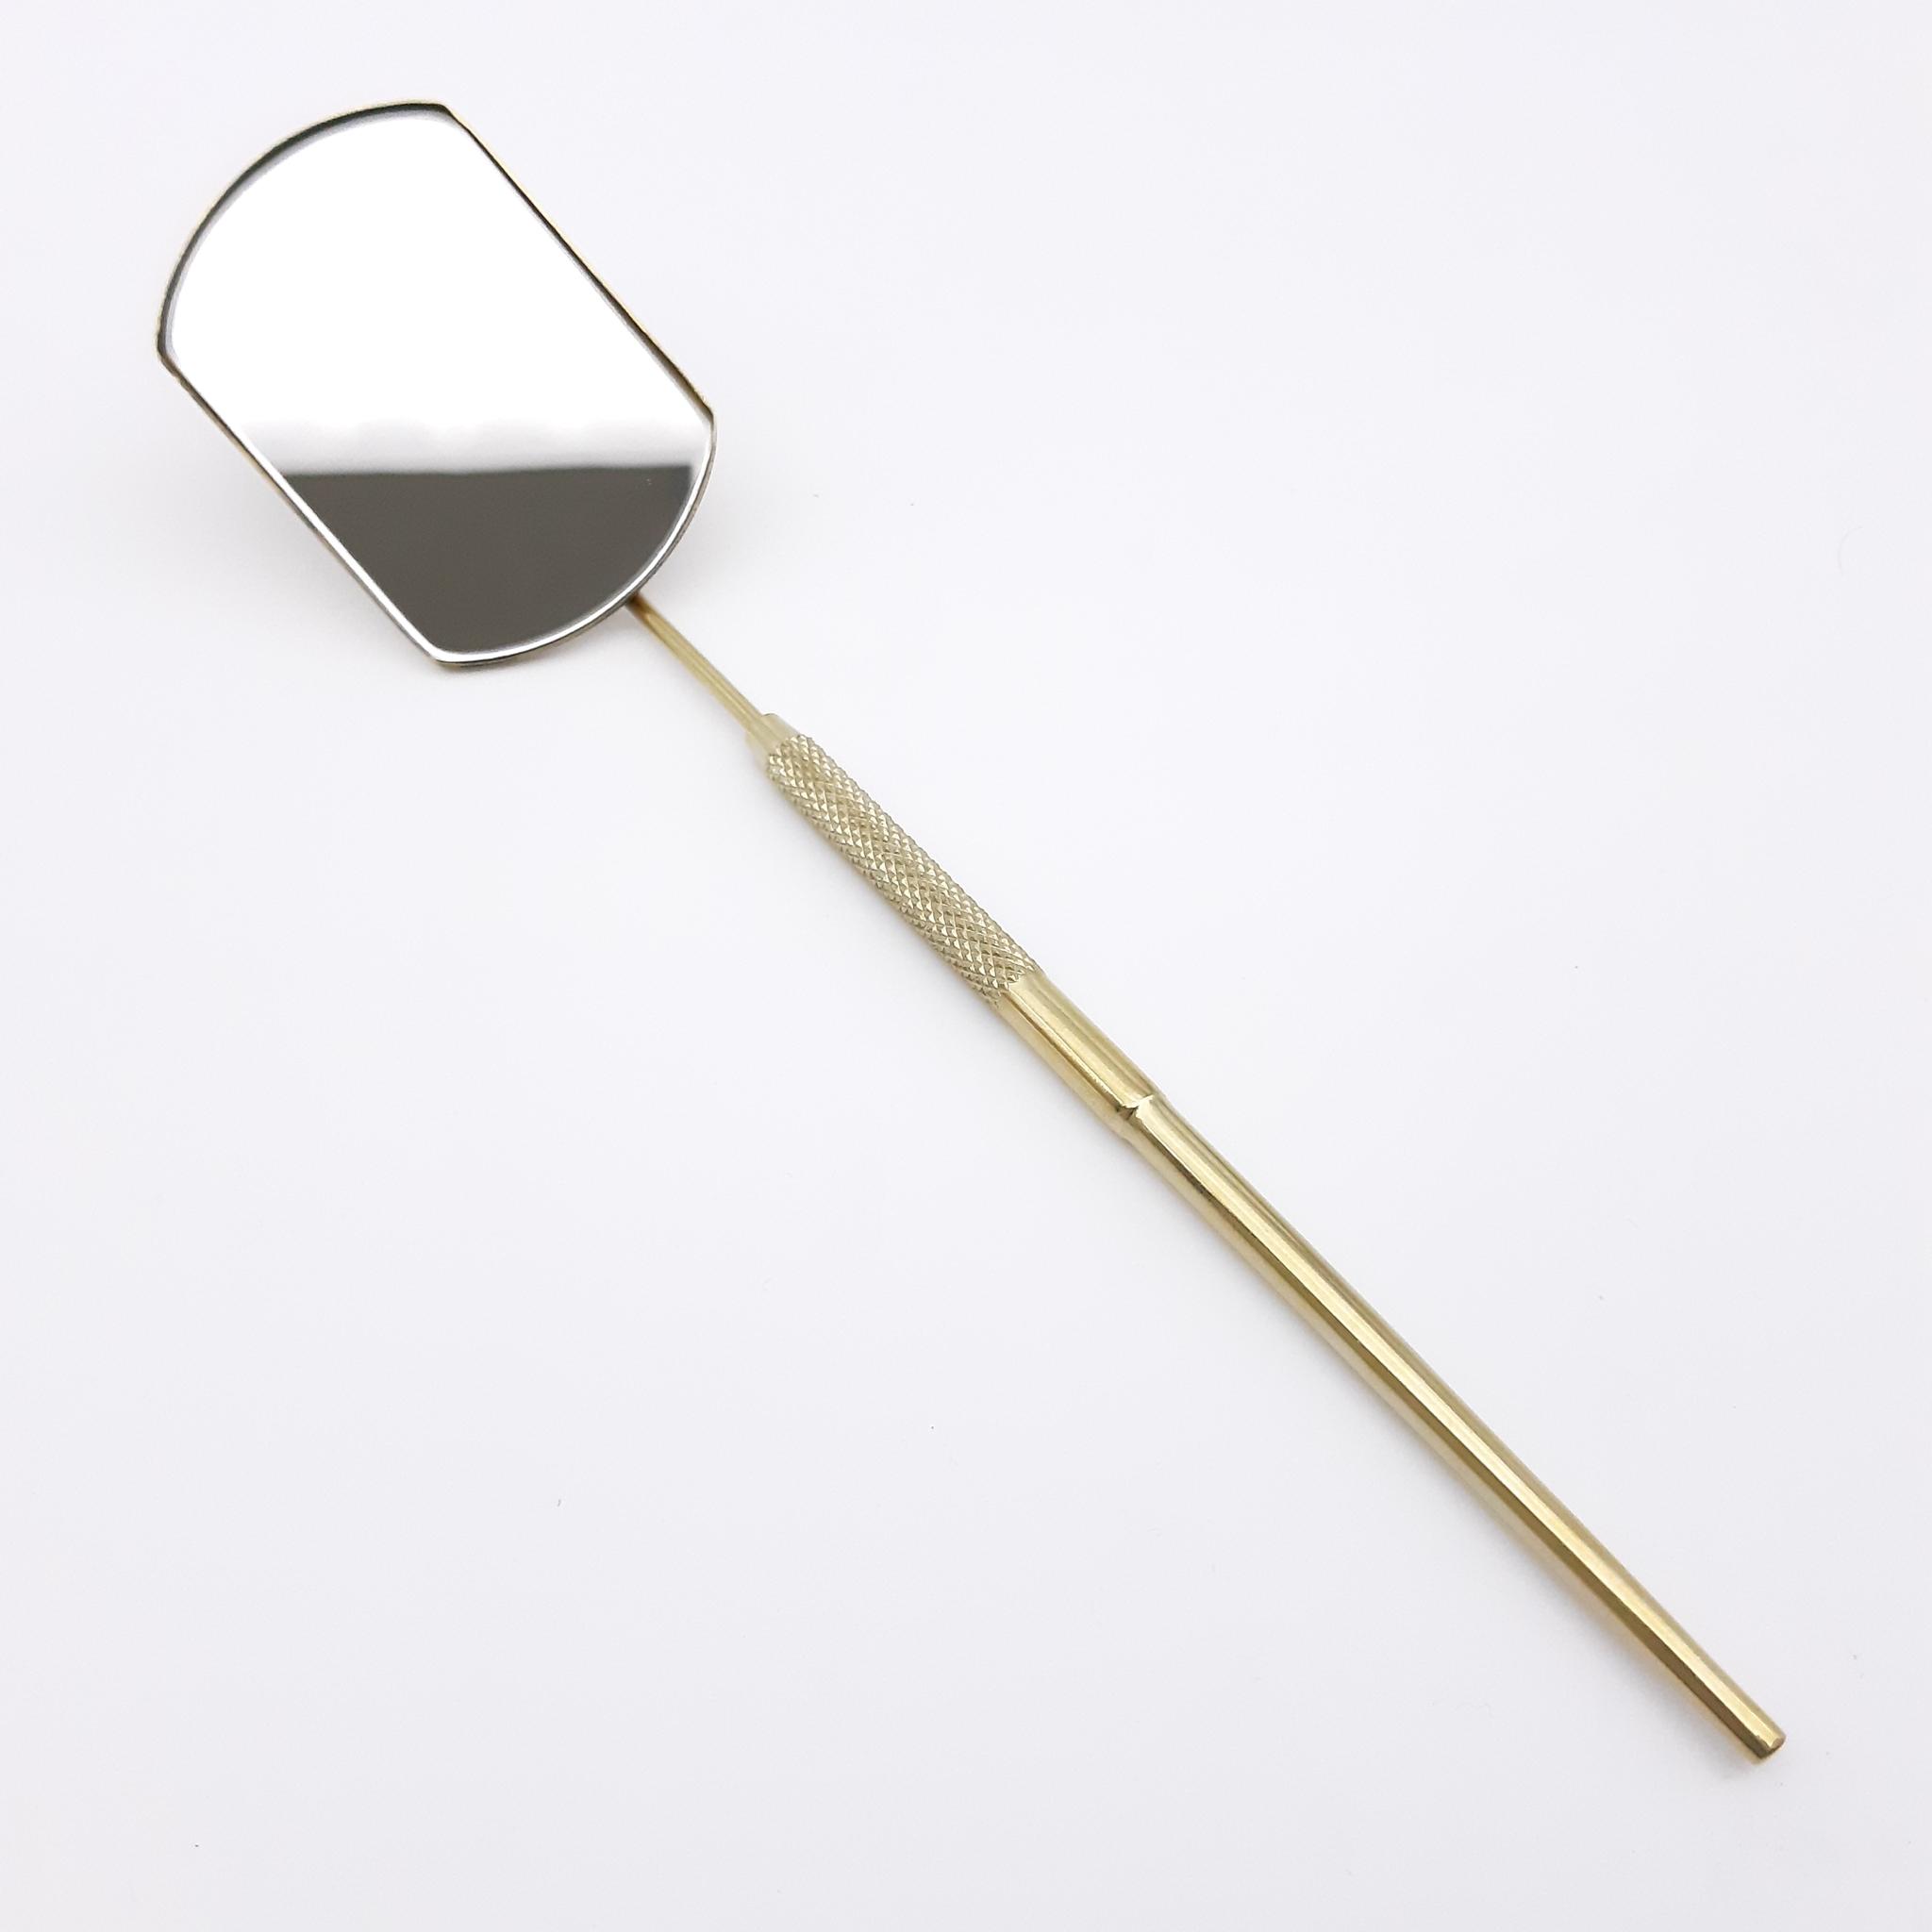 Зеркала для наращивания ресниц Зеркало для наращивания ресниц, титан/золото, MM-01TG MM-01TG.jpg